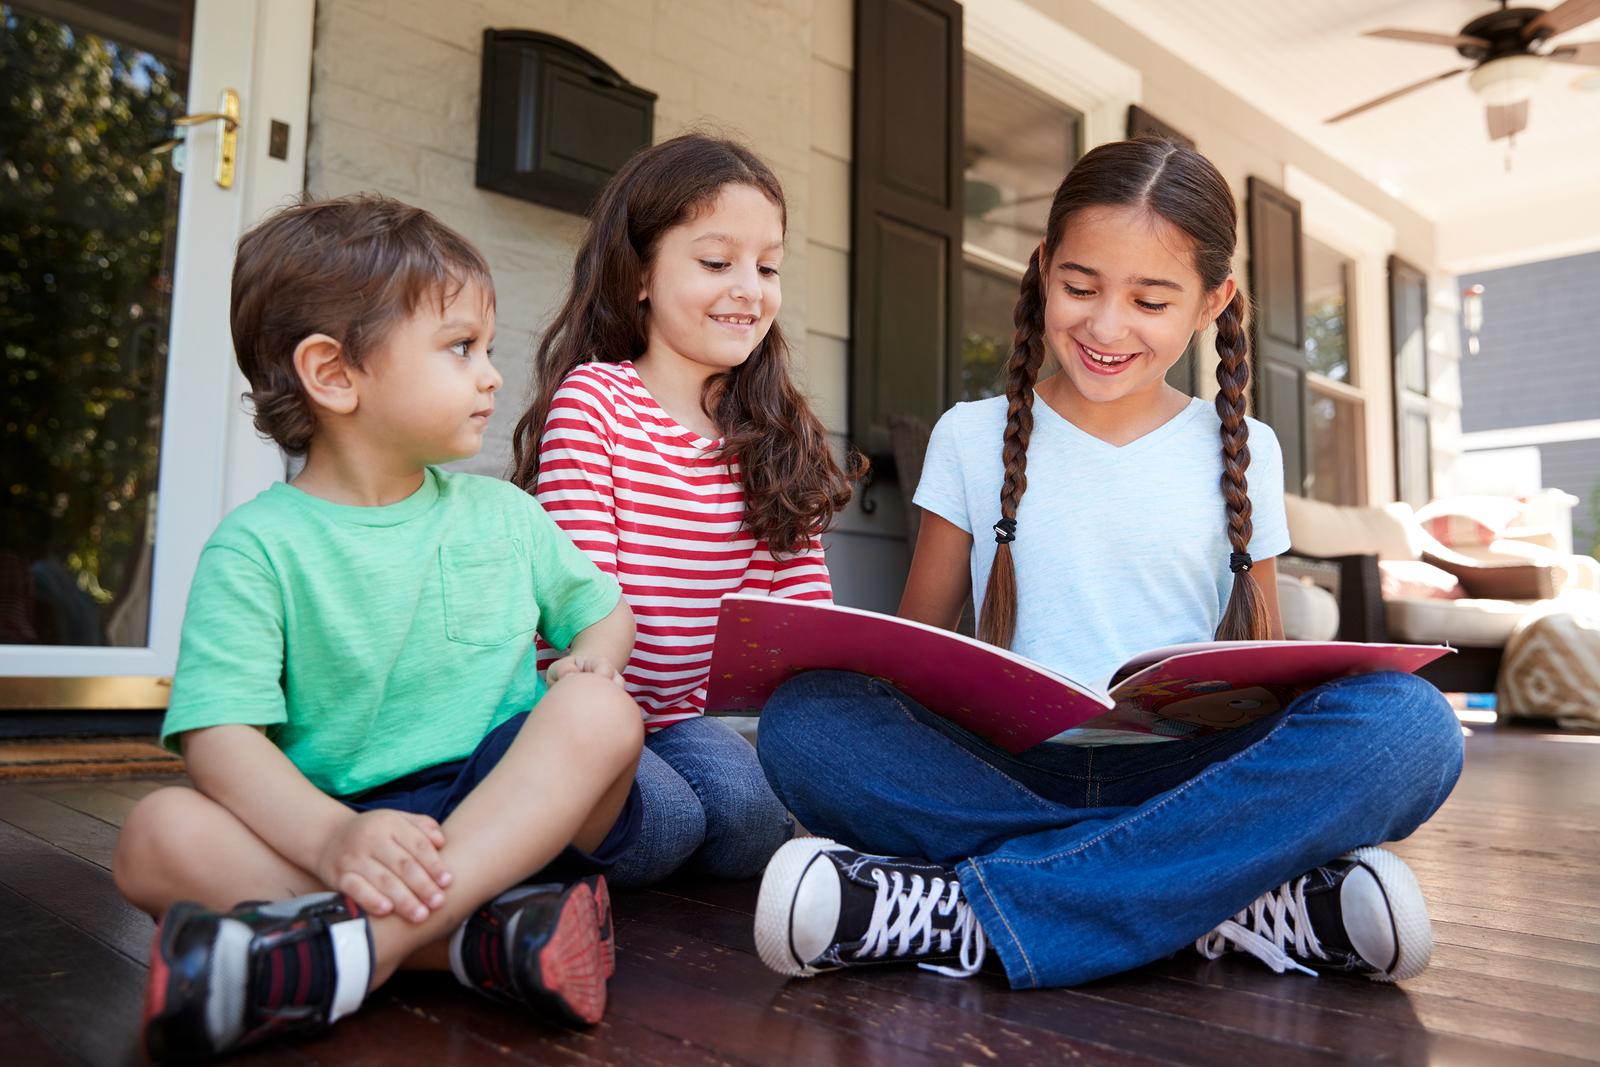 La iniciativa Reach Every Reader, realizará investigaciones sobre aprendizaje personalizado e intervención educativa para mejorar la alfabetización en la educación básica. - Foto: Bigstock.com